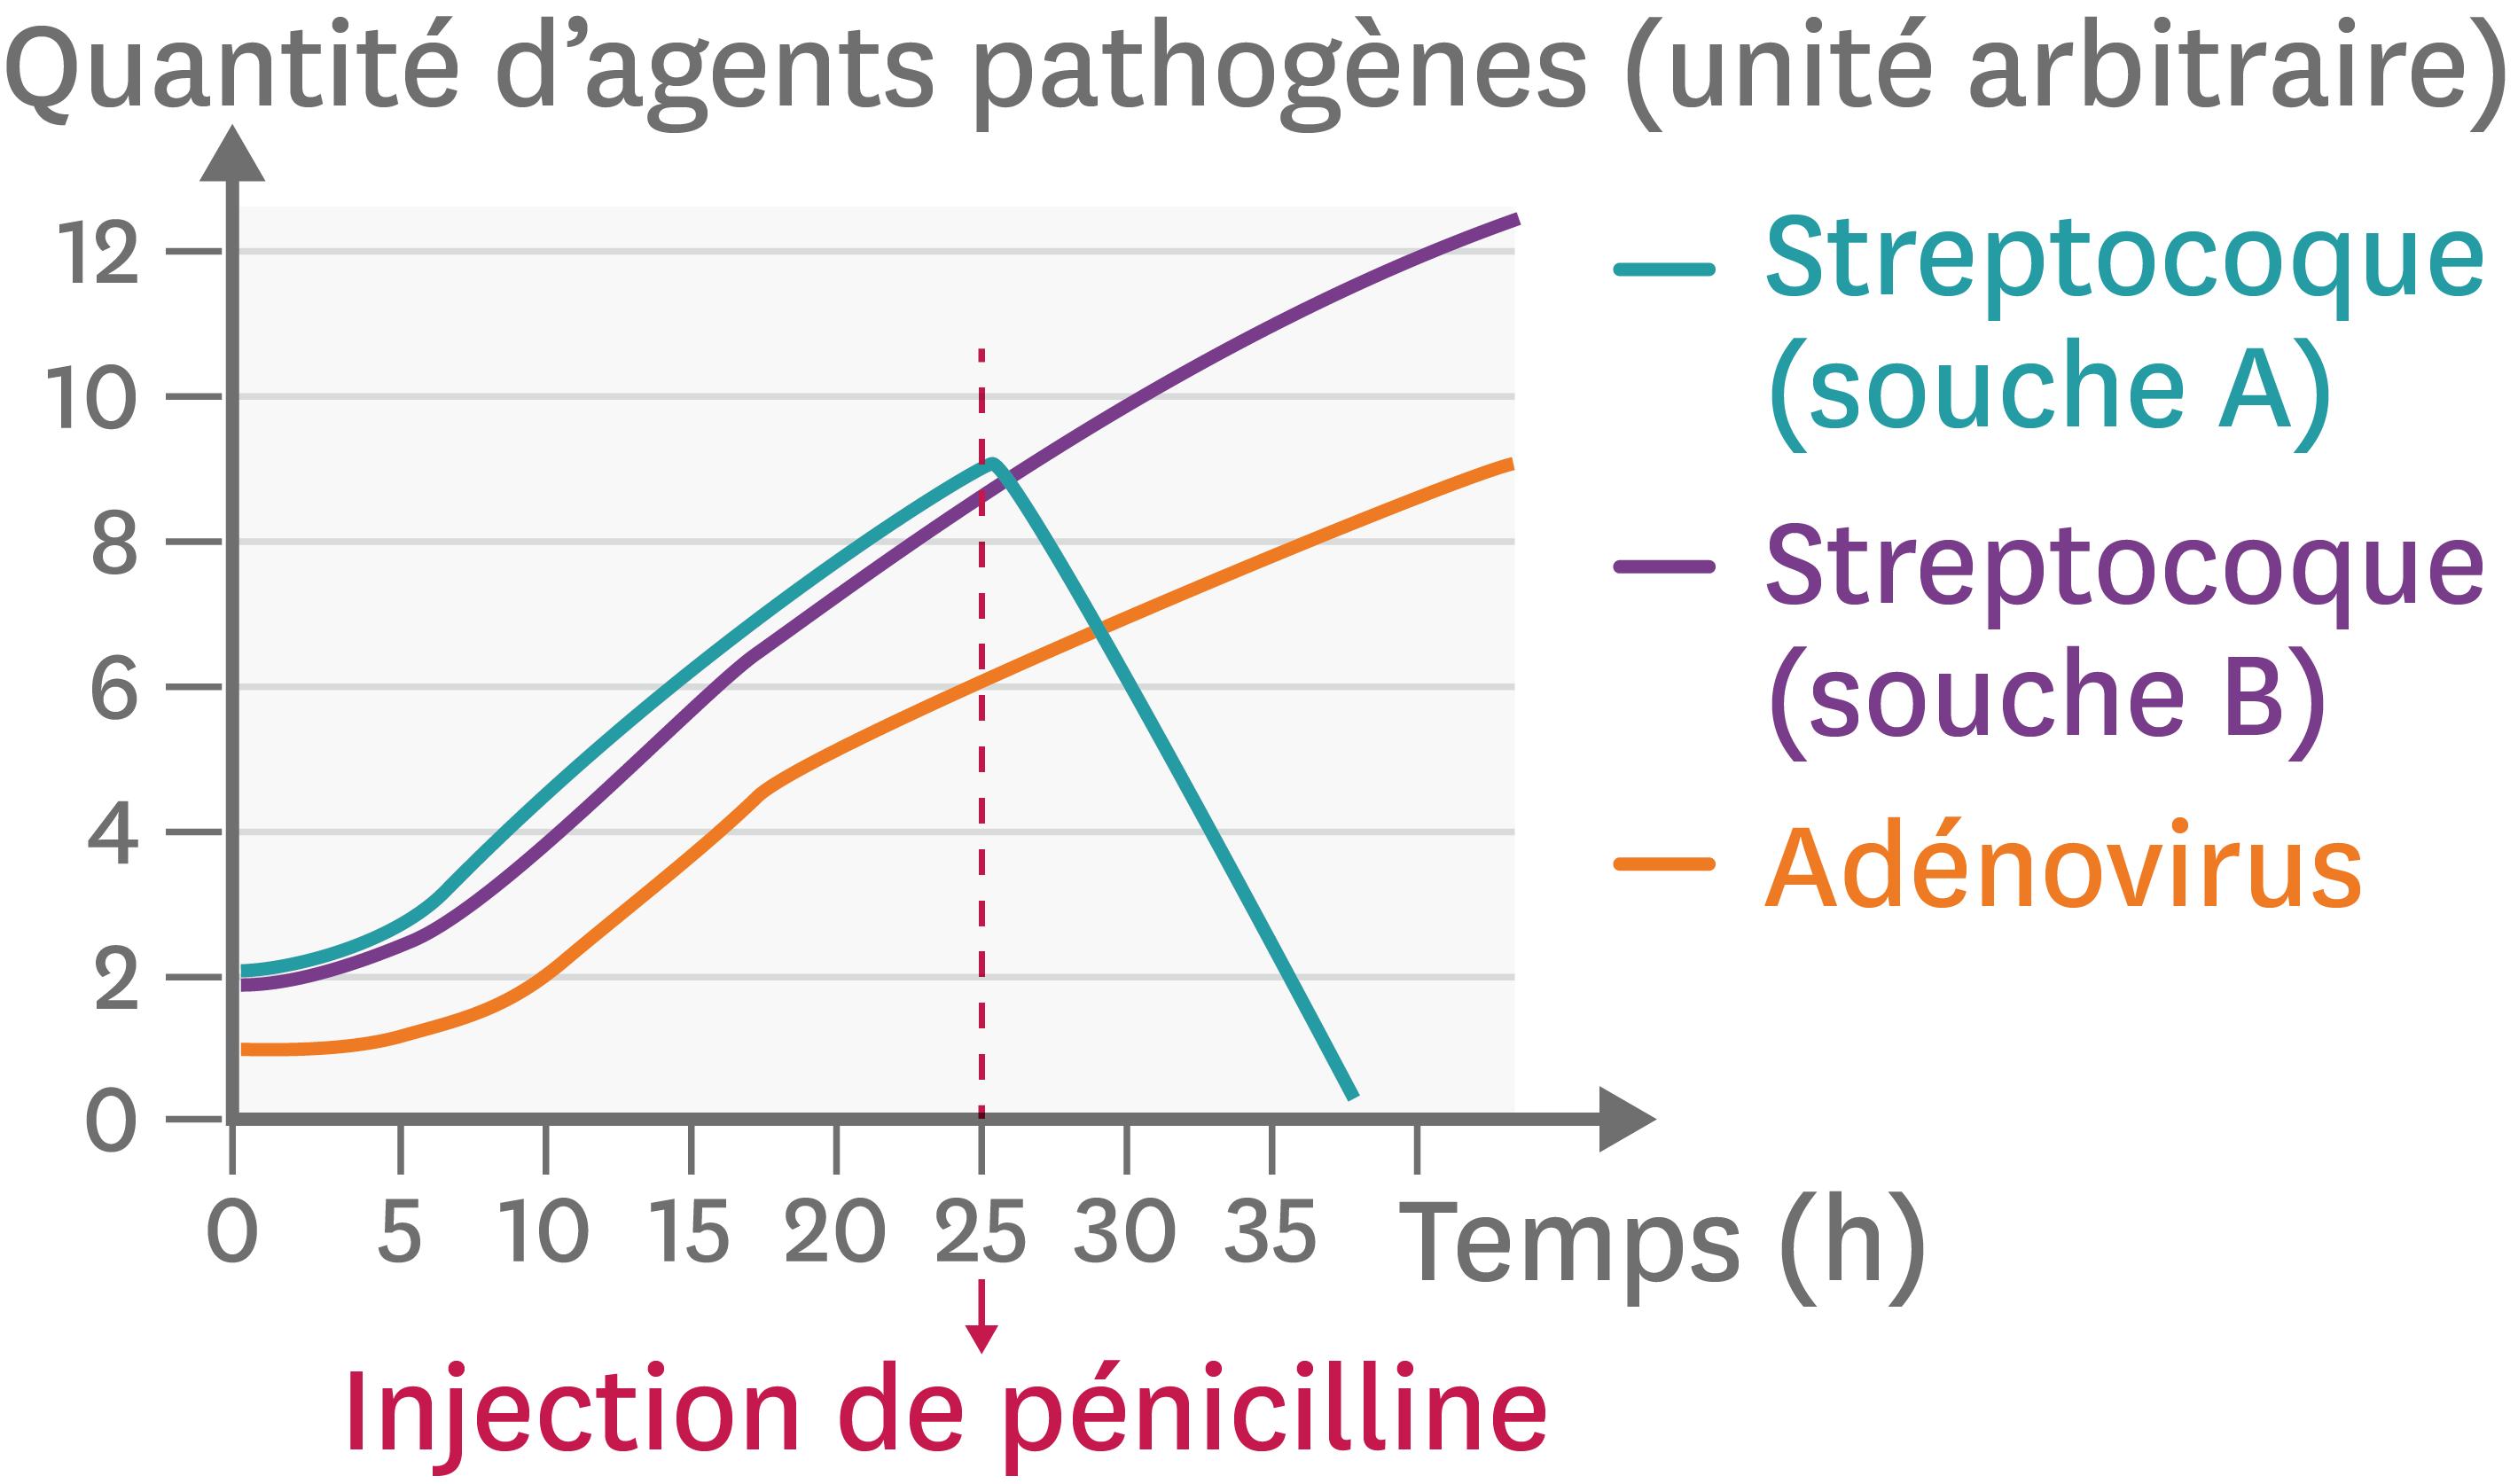 <stamp theme='svt-green1'>Doc. 4</stamp> L'effet d'un antibiotique (la pénicilline) contre deux souches différentes d'une bactérie ou un virus.